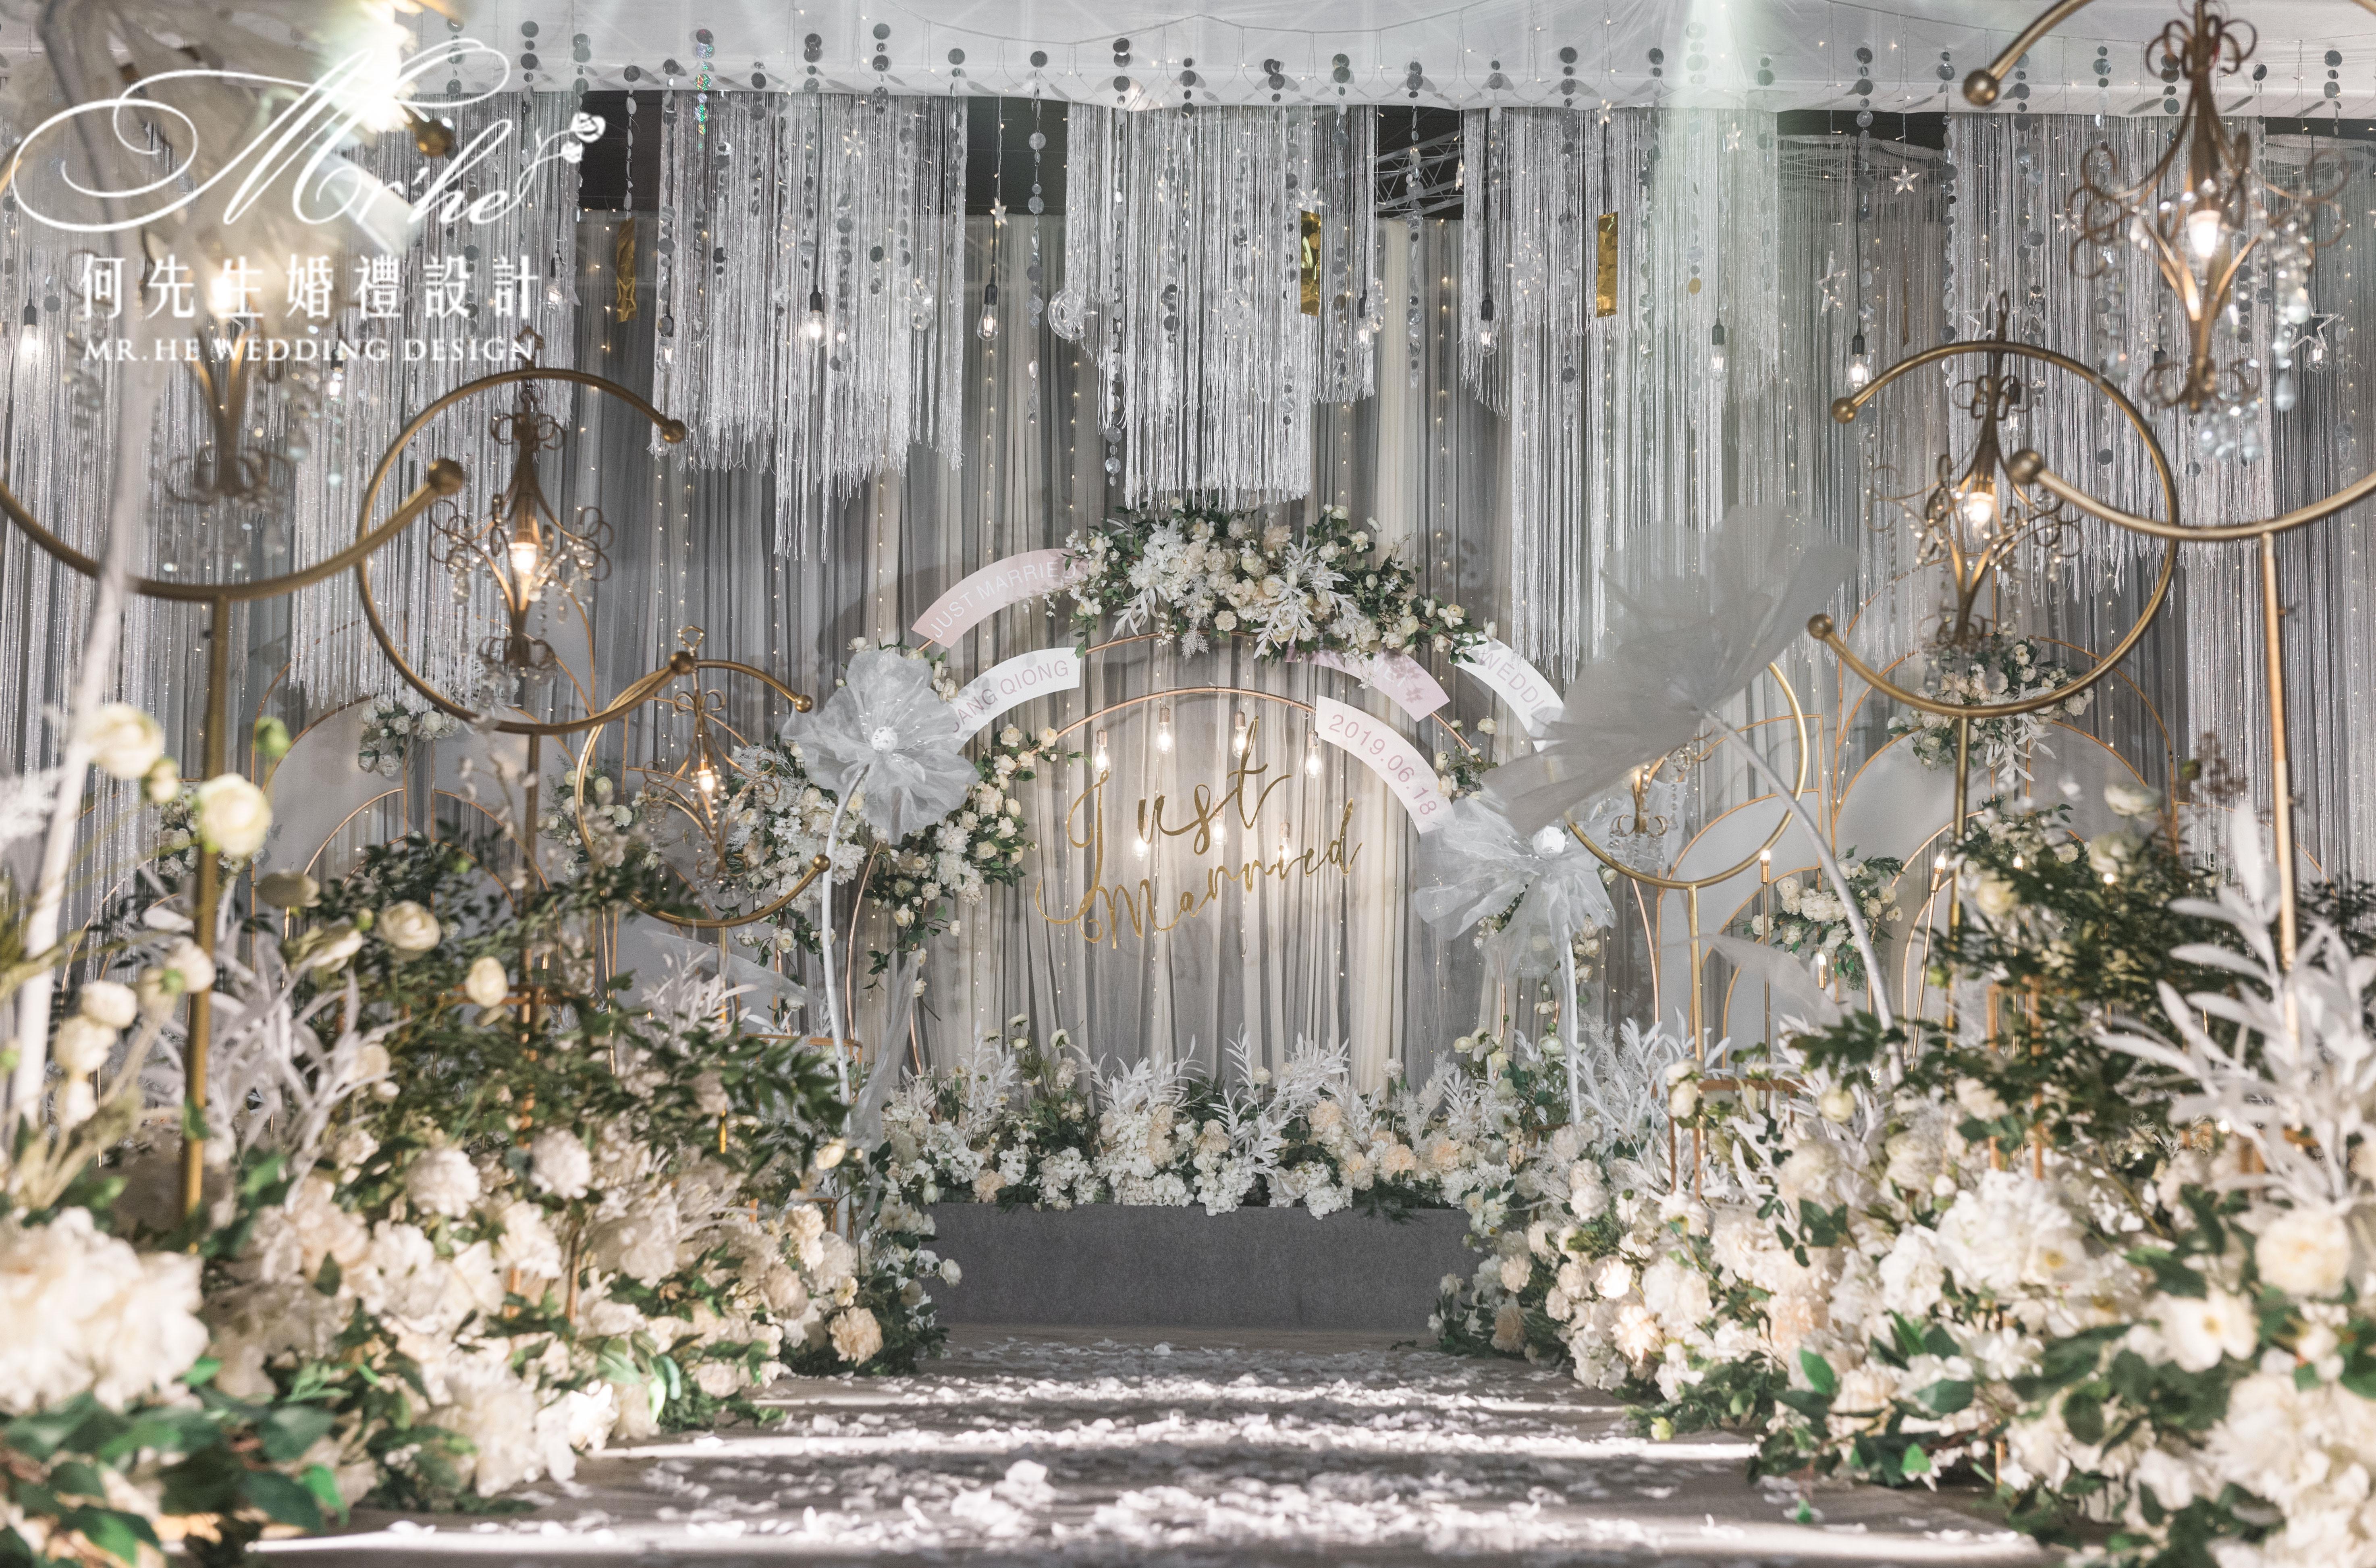 《浪漫进行曲》婚礼图片